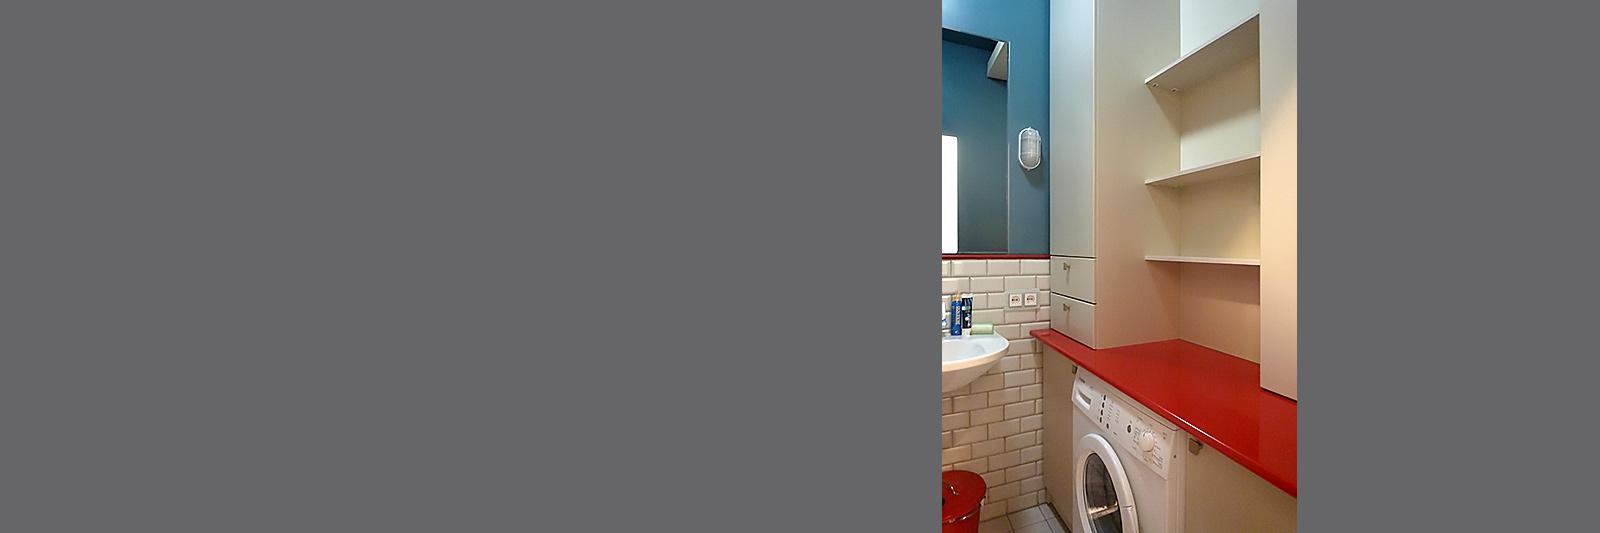 Стеллаж, тумба и шкаф для ванной на заказ